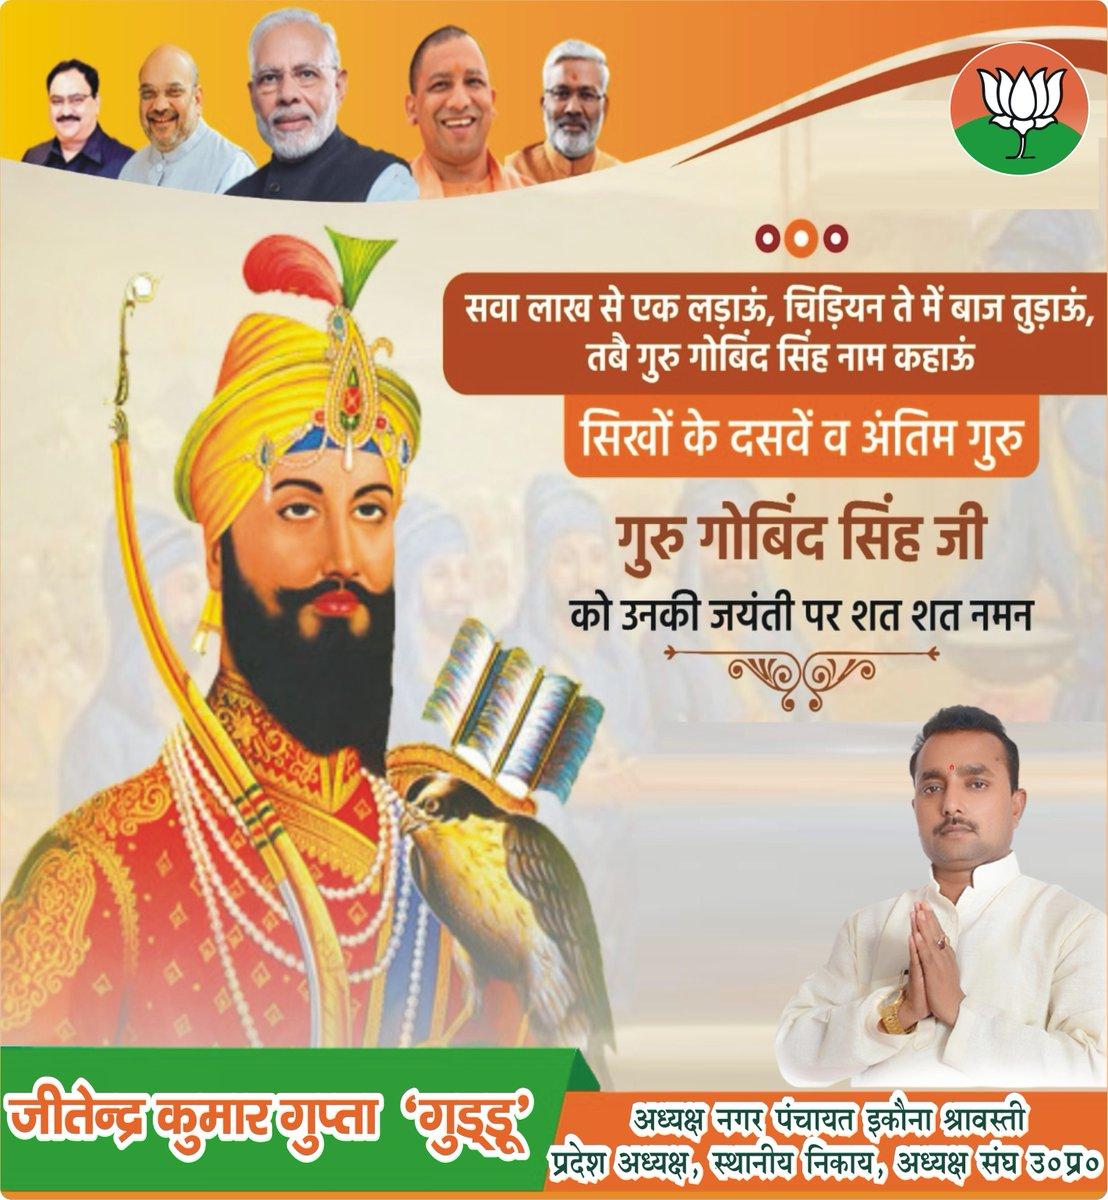 """""""सवा लाख से एक लड़ाऊं, चिड़ियन ते में बाज तुड़ाऊं, तबै गुरु गोबिंद सिंह नाम कहाऊं"""" सिखों के दसवें व अंतिम गुरु #गुरू_गोविन्द_सिंह_जी को उनकी जयंती पर शत शत नमन।। #gurunanakjayanti2020"""